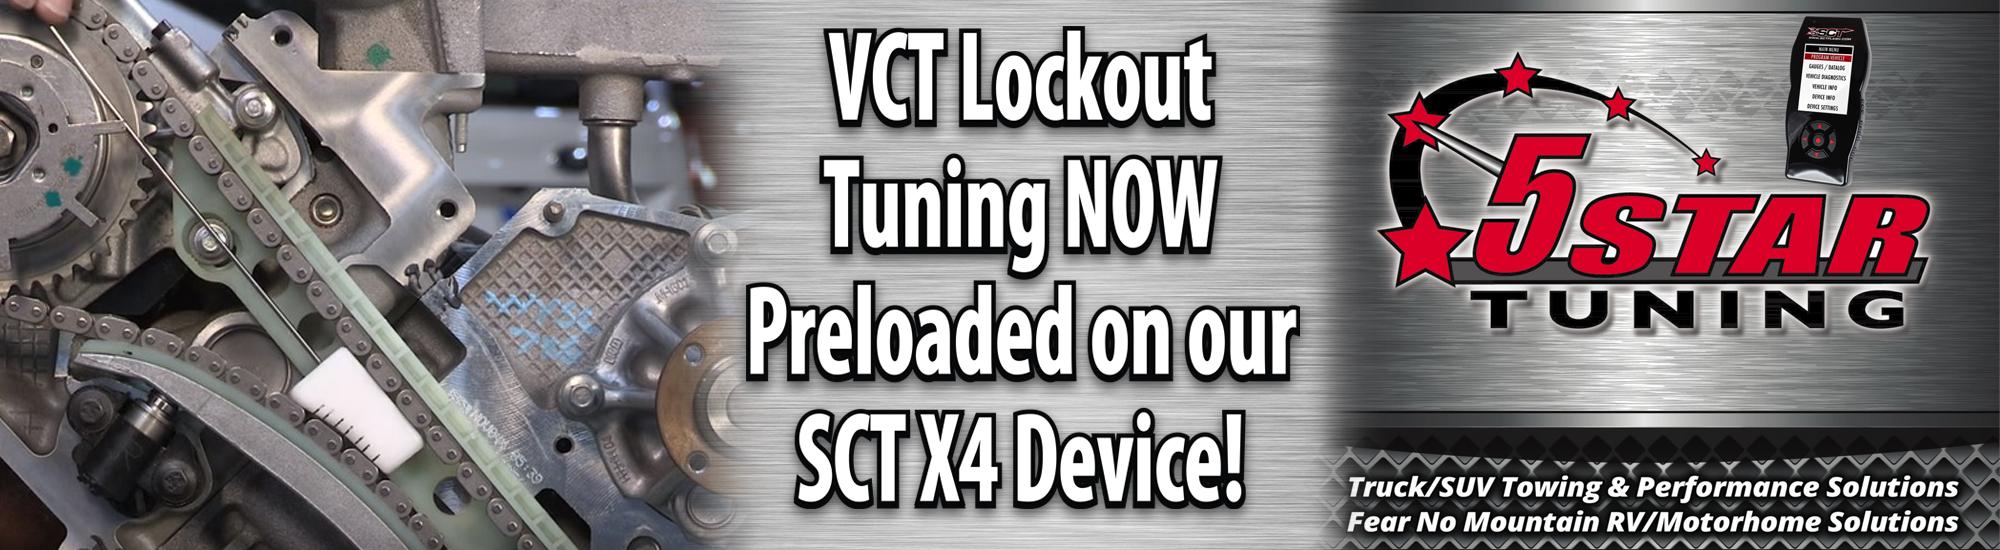 VCTLockoutTuningPreloadedSlider